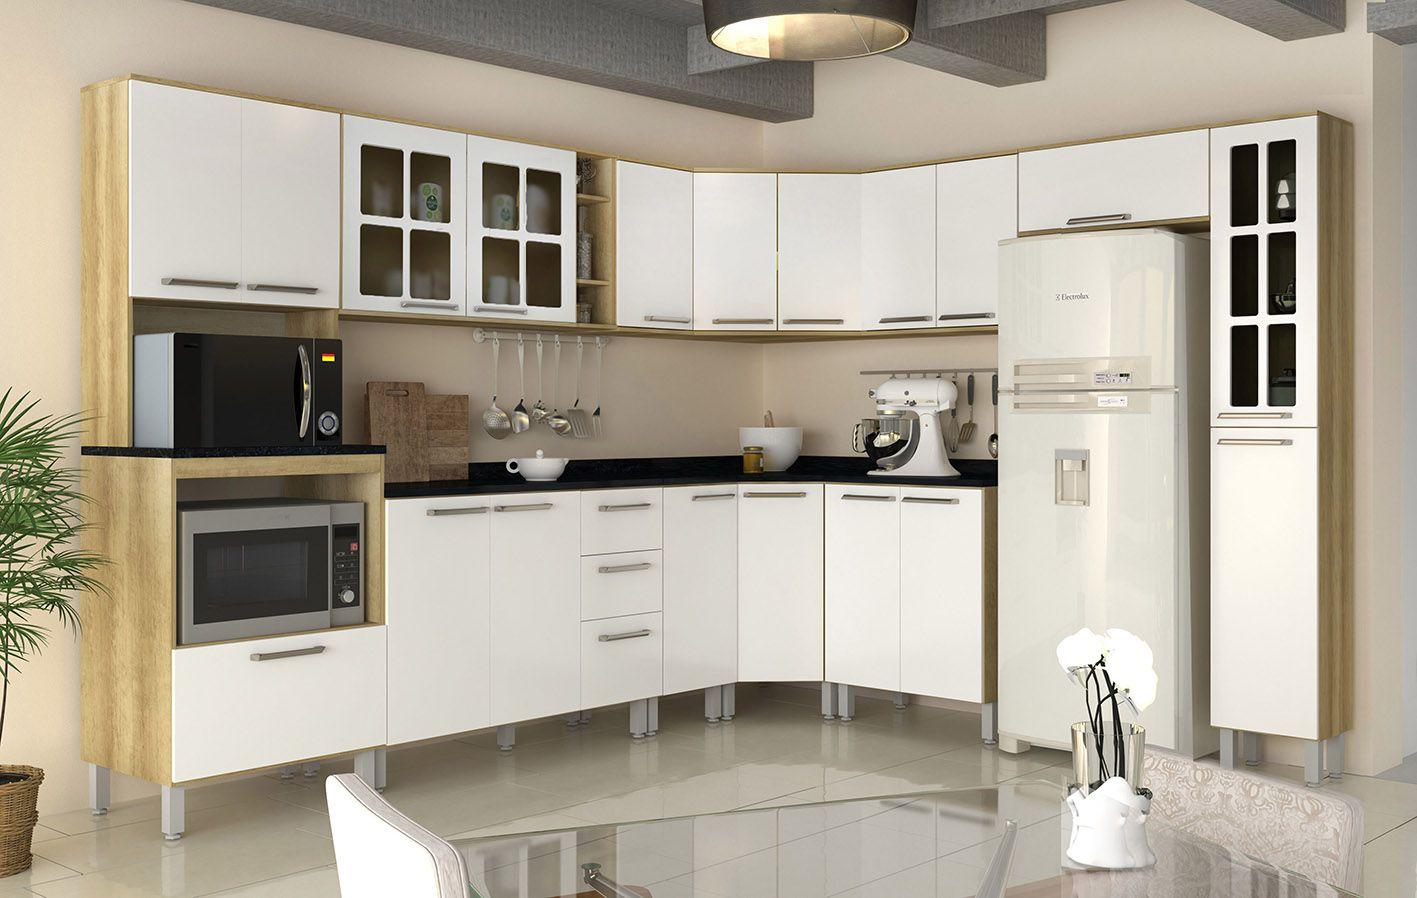 Cozinha Modulada Lara 4 - 11 Peças Portas com Vidro - Luciane